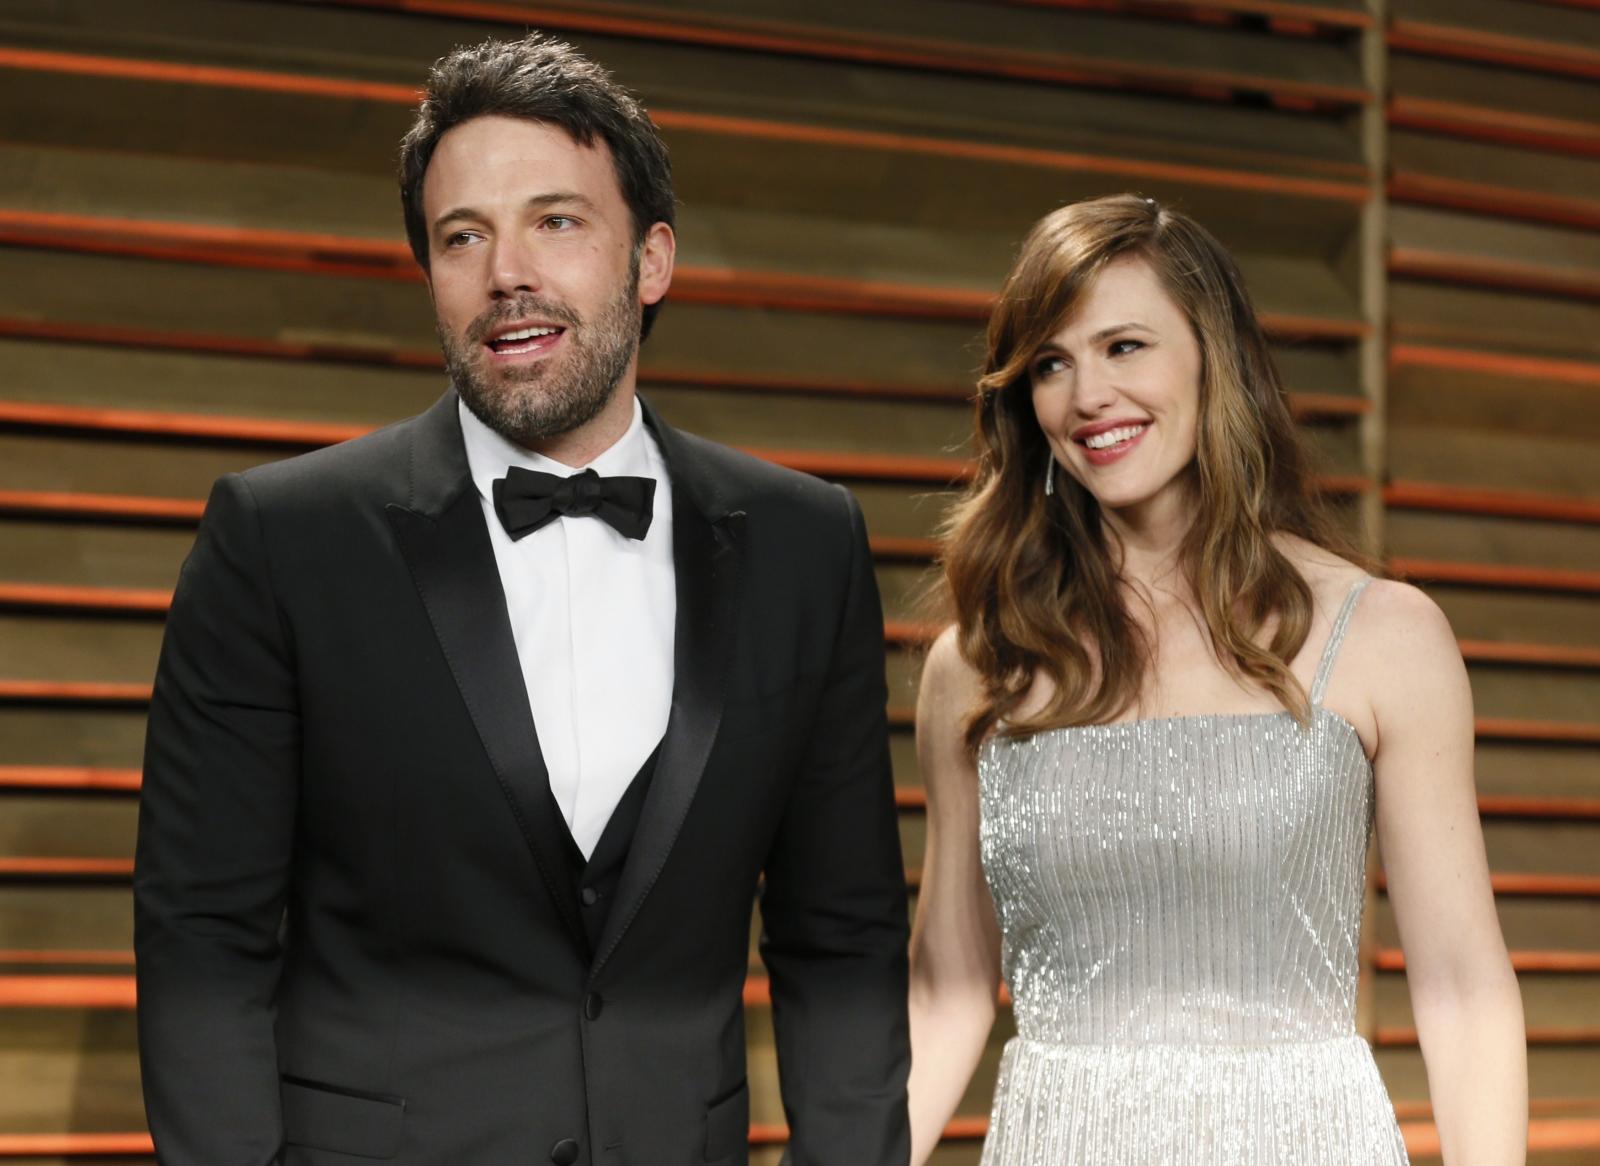 Ben Affleck and Jennifer Garner reportedly separated